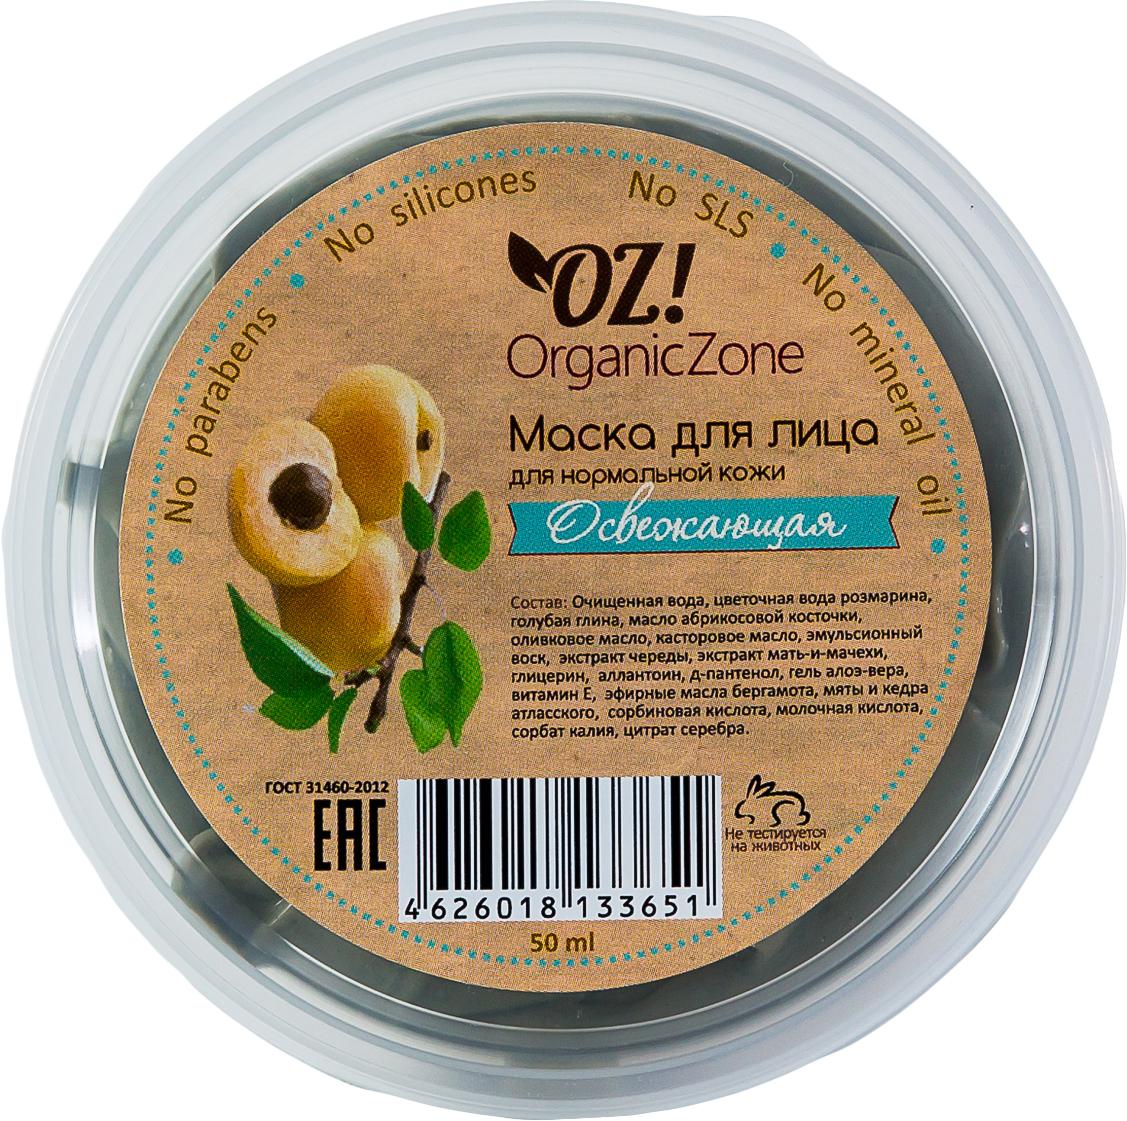 OrganicZone Маска для лица Освежающая, 50 мл4626018133651Голубая глина помогает выводить из кожи токсины. Оливковое масло и масло абрикосовых косточек способствуют нормализации работы клеток кожи. Маска очищает, тонизирует, придает коже здоровый вид.